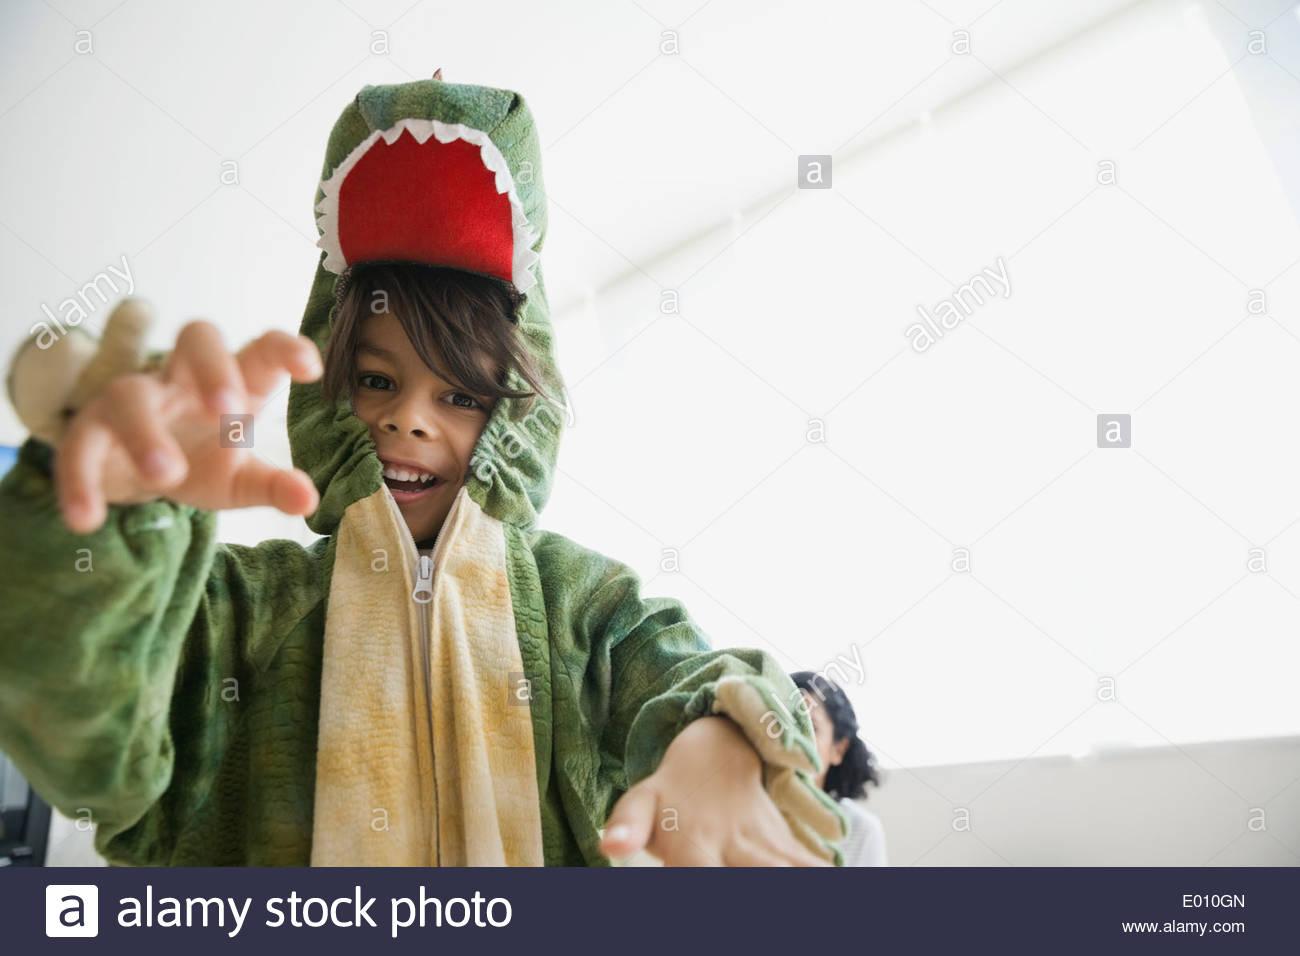 Verspielte junge im Drachenkostüm Stockbild